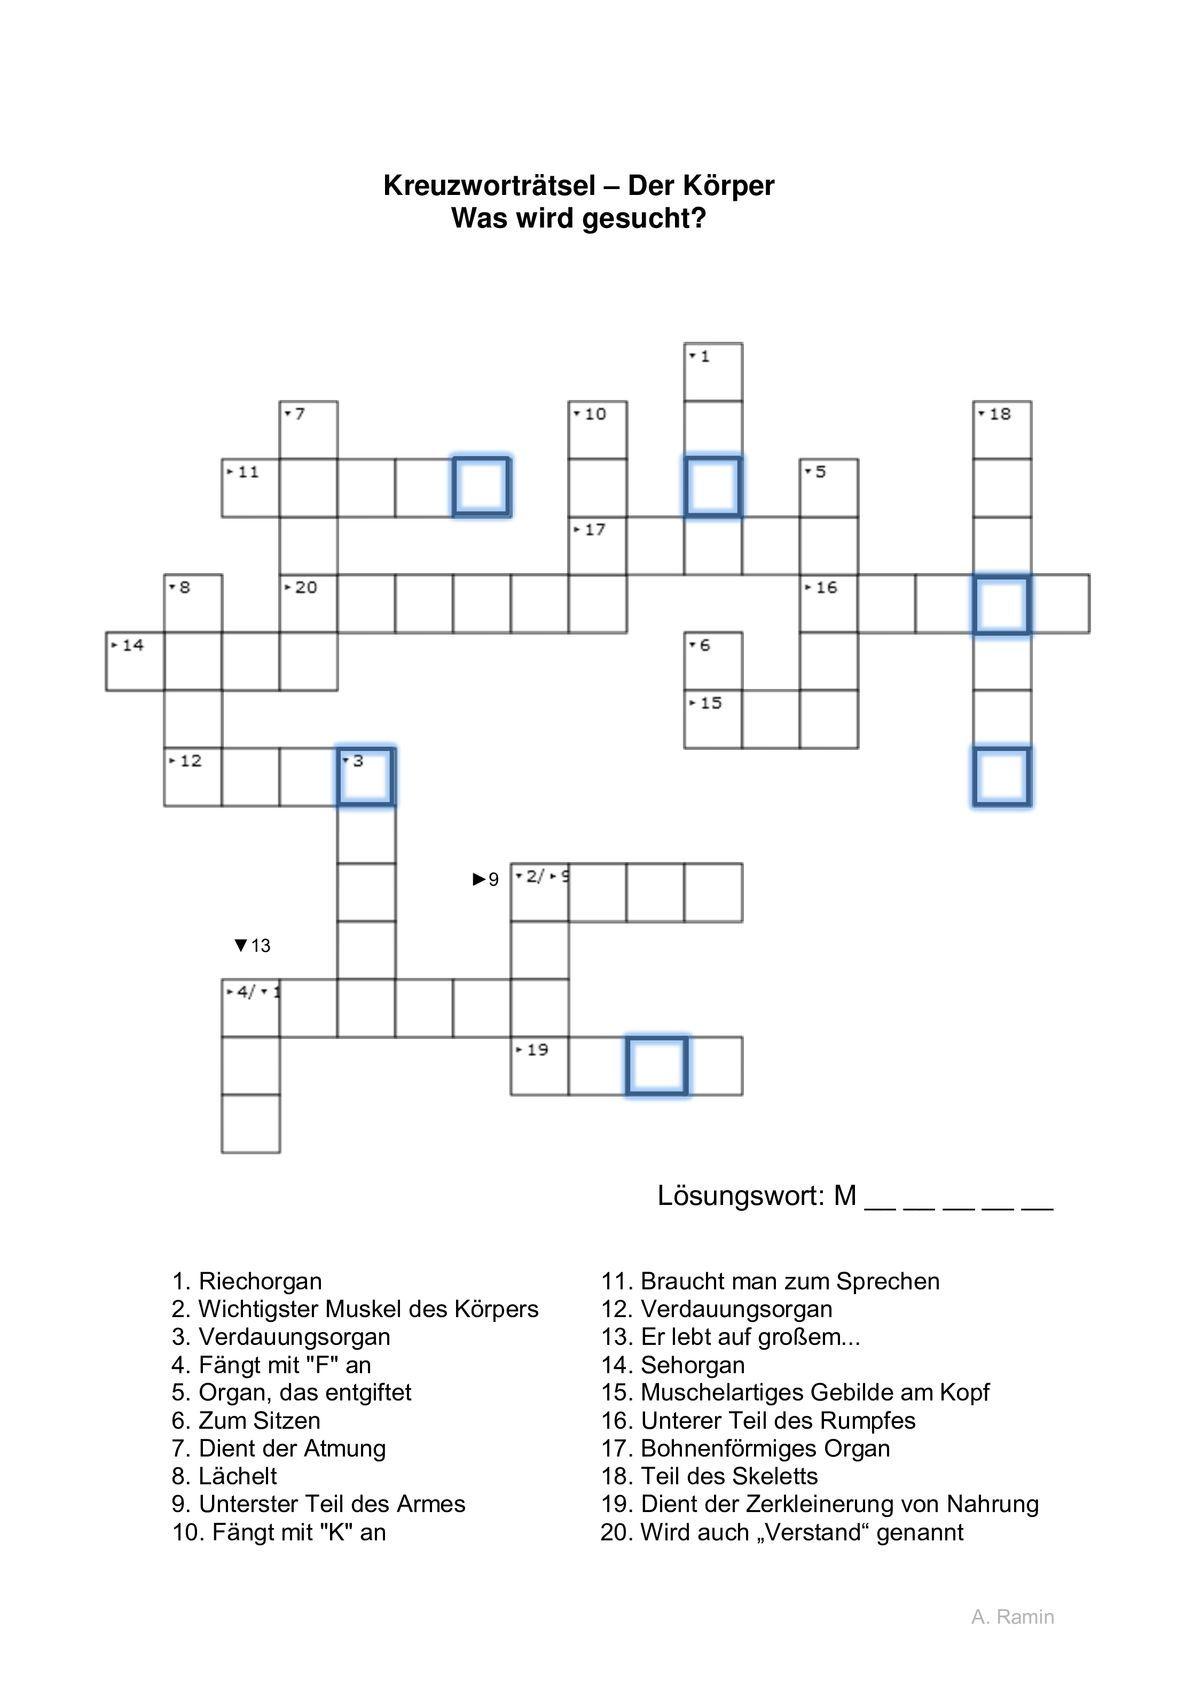 Wortfindung Kreuzworträtsel Körperteile - Sprache für Kreuzworträtsel Muster